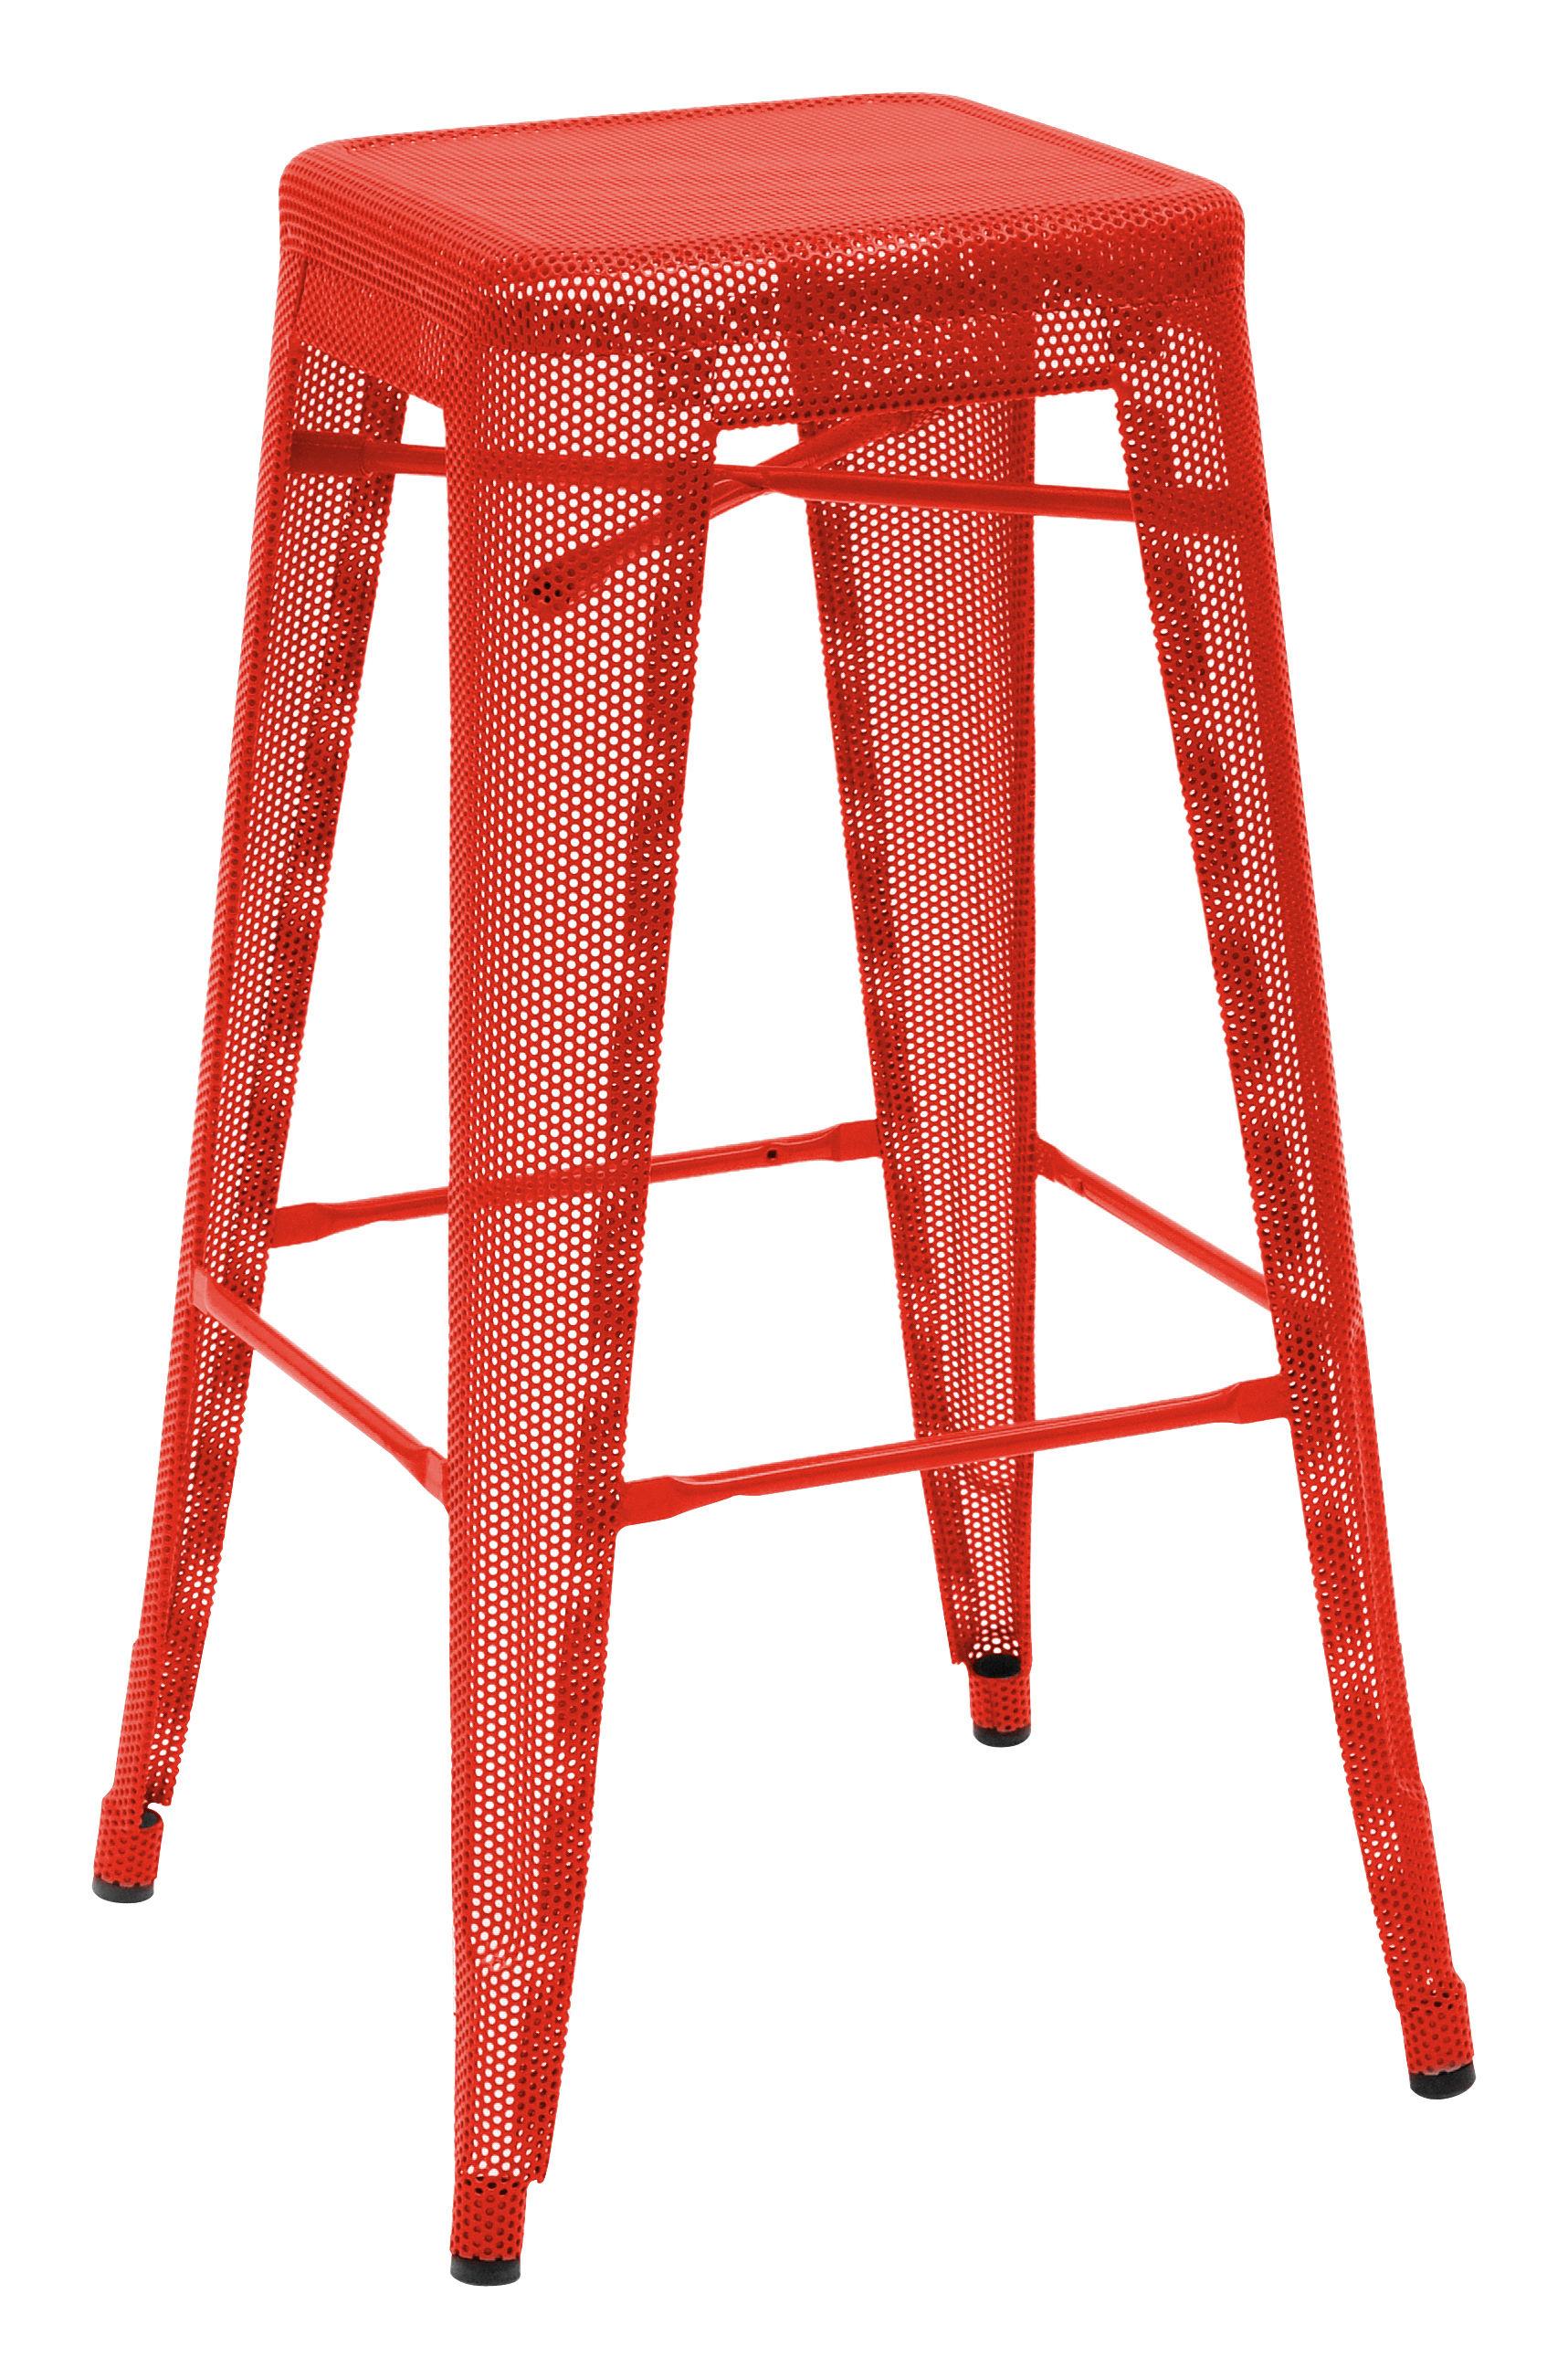 Mobilier - Tabourets de bar - Tabouret de bar H Perforé / H 75 cm - Couleur brillante - Tolix - Rouge (brillant) - Acier recyclé laqué